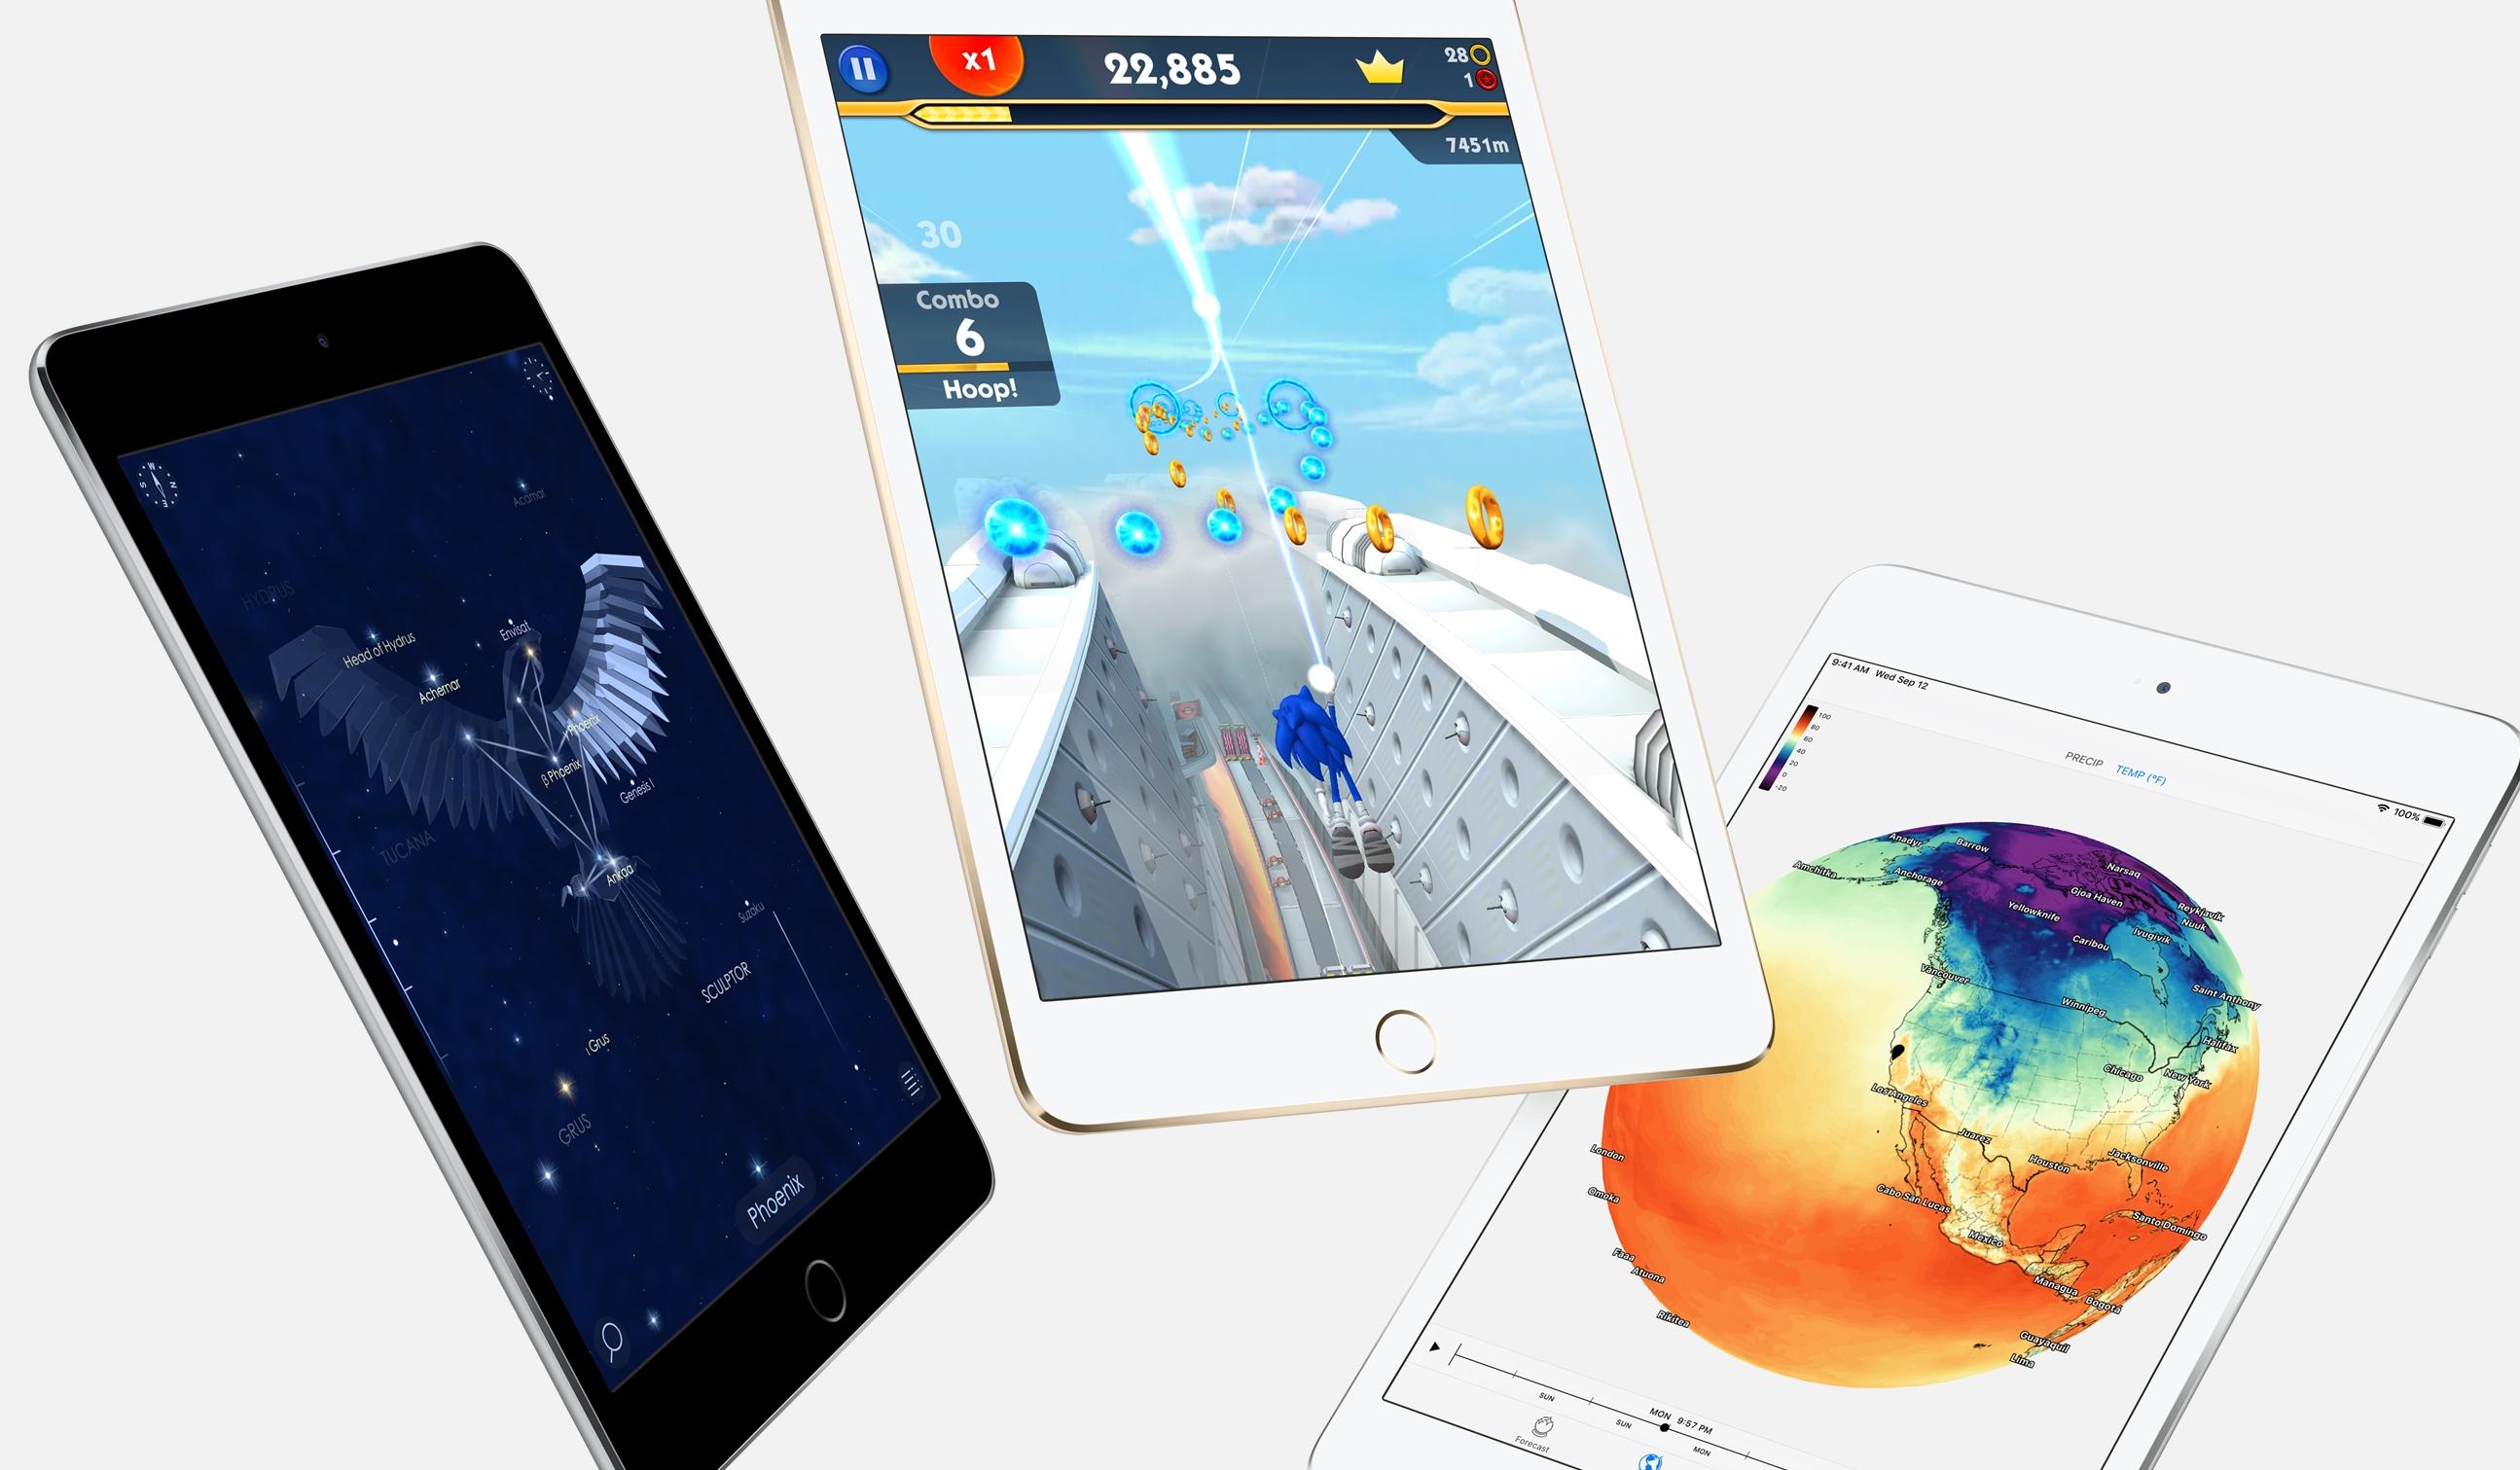 Det er avslørt en haug nye iPad-modeller